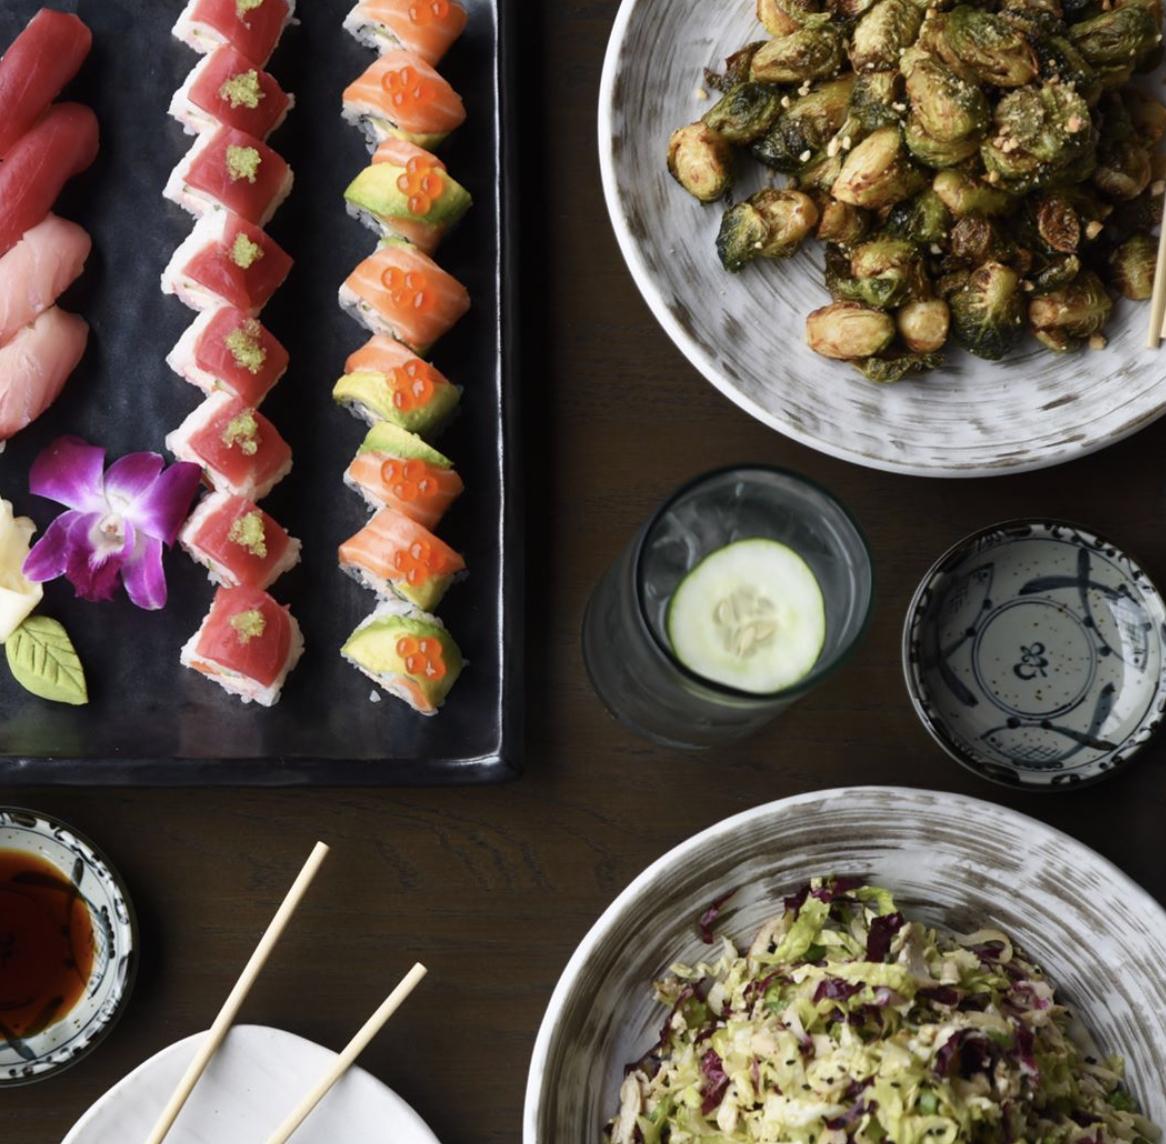 courtesy of Blue Sushi Sake Grill